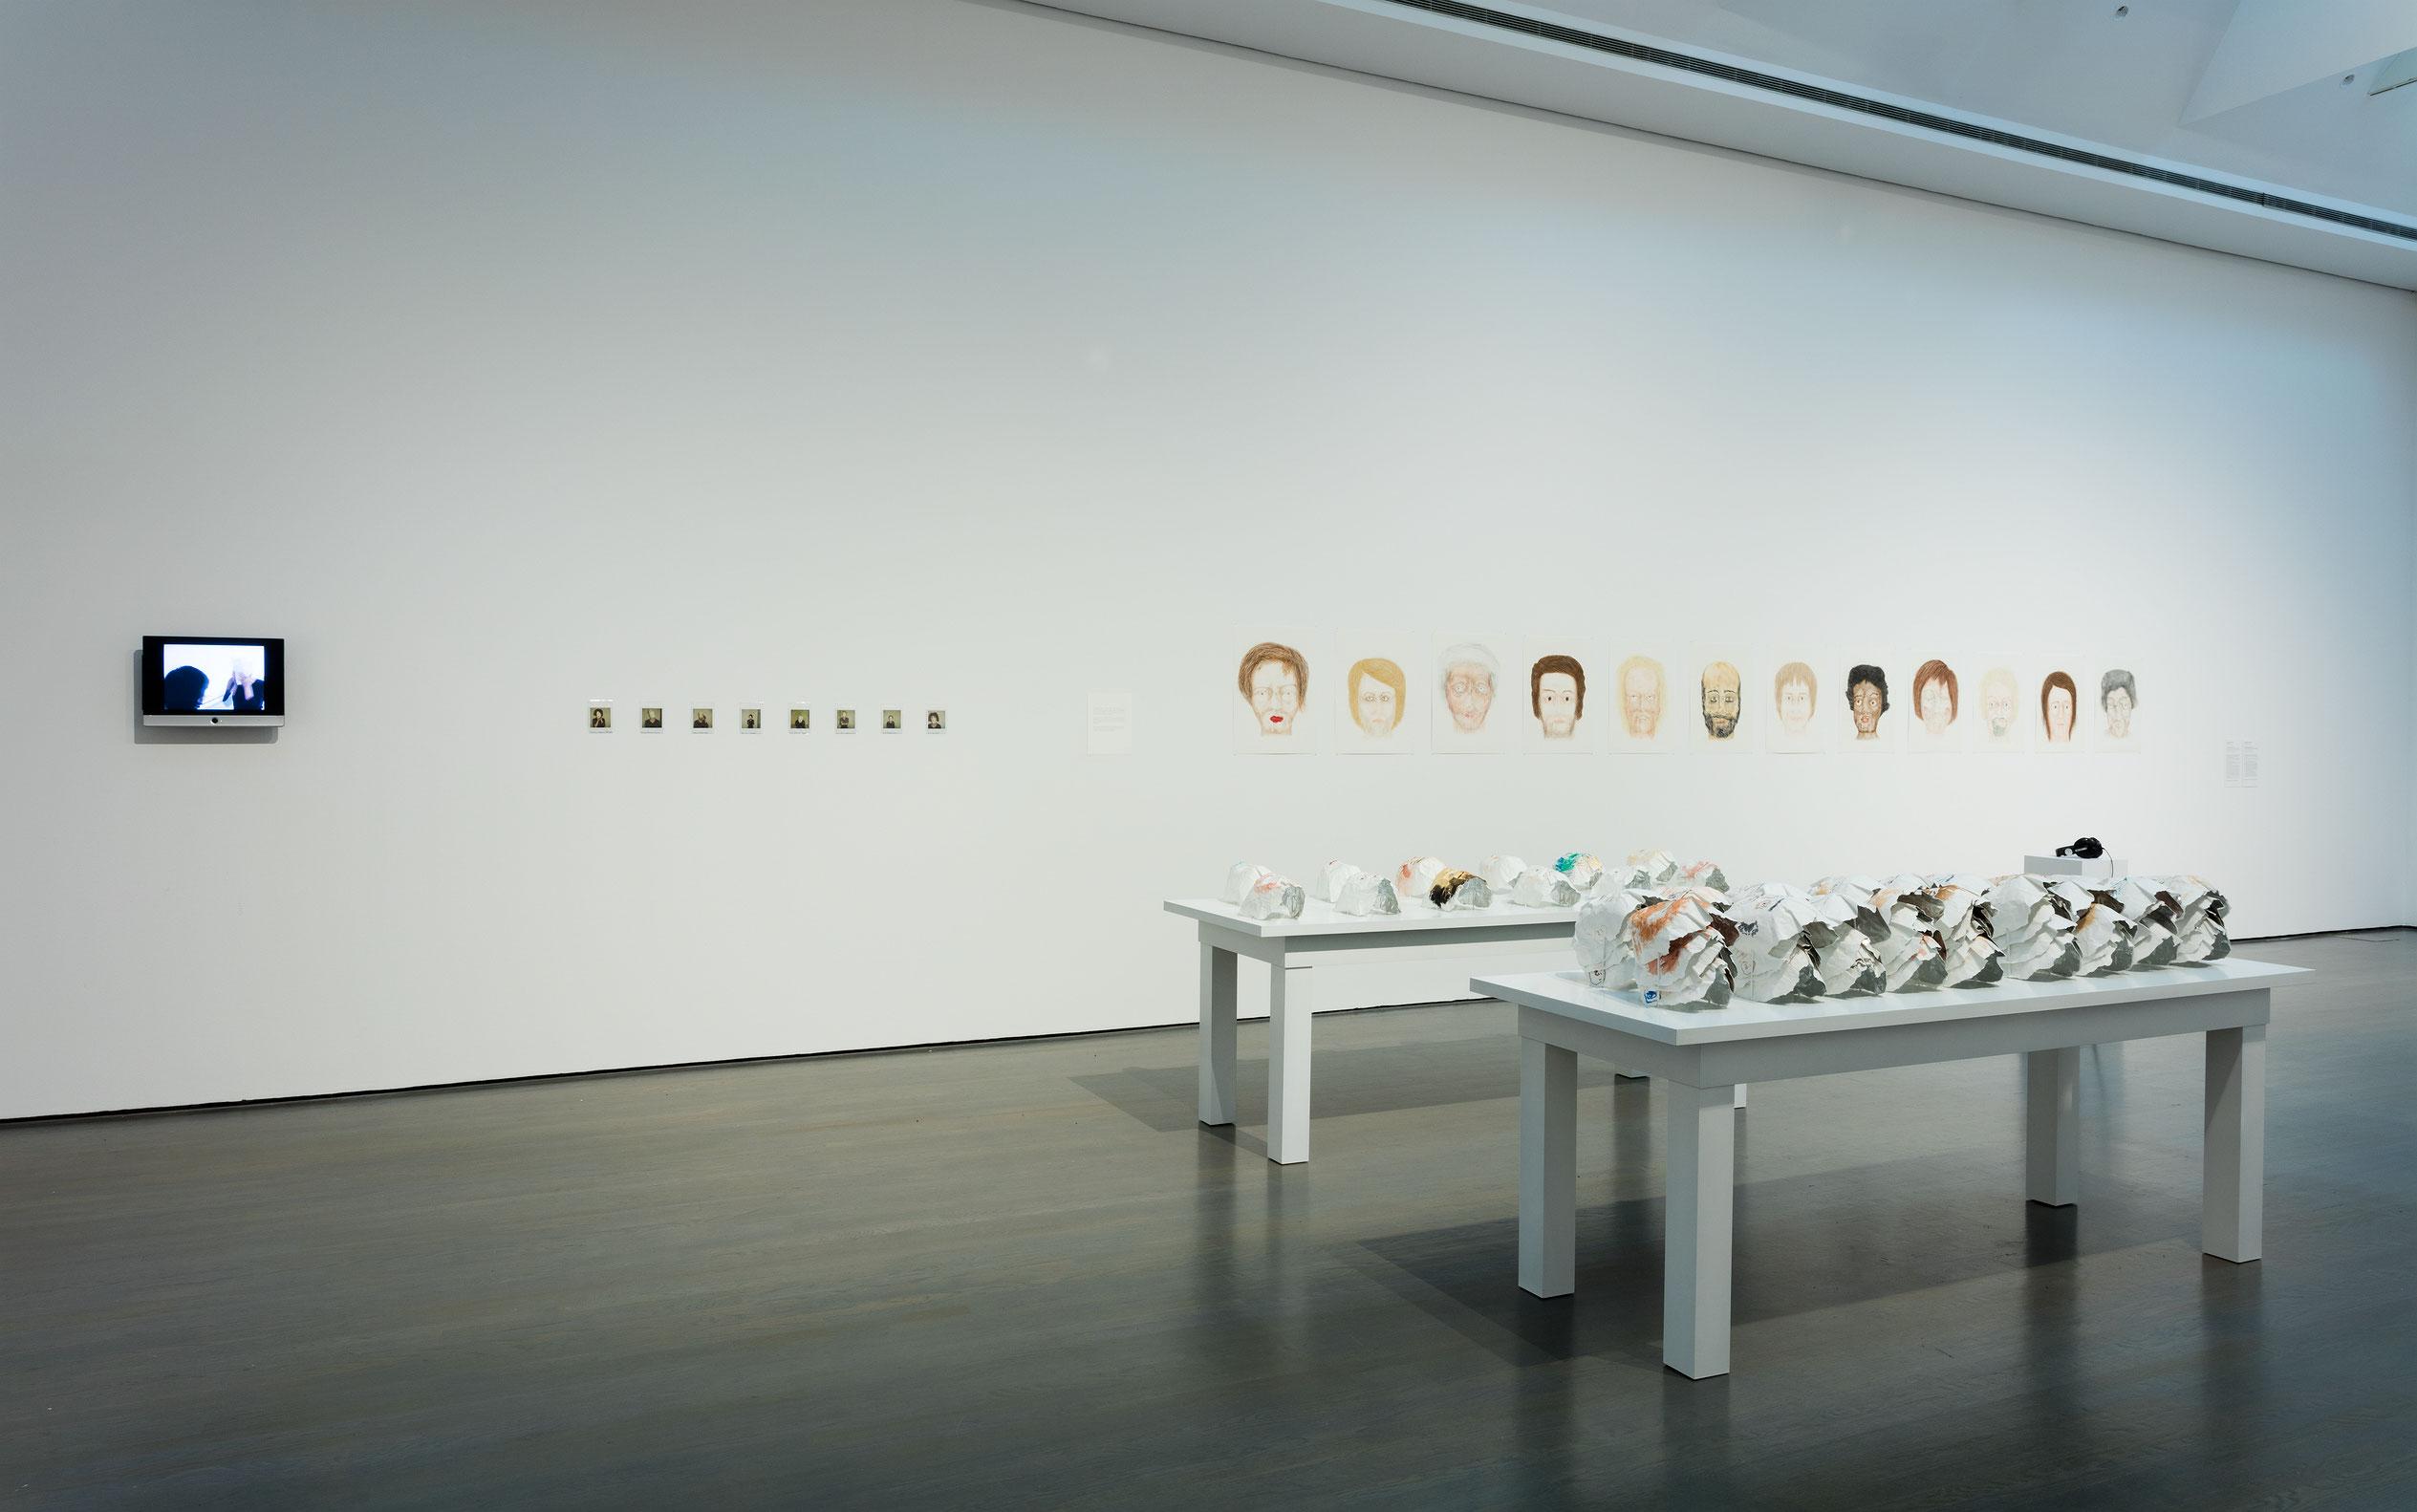 Tous ces visages, 2007-2008, Raphaëlle de Groot, Dessins (crayon de couleur, crayon-feutre et pastel sec sur papier), masques (crayon de couleur, crayon-feutre, aquarelle, papier, ruban aluminium), photographies Polaroid, vidéogramme, son, texte et tables de présentation.